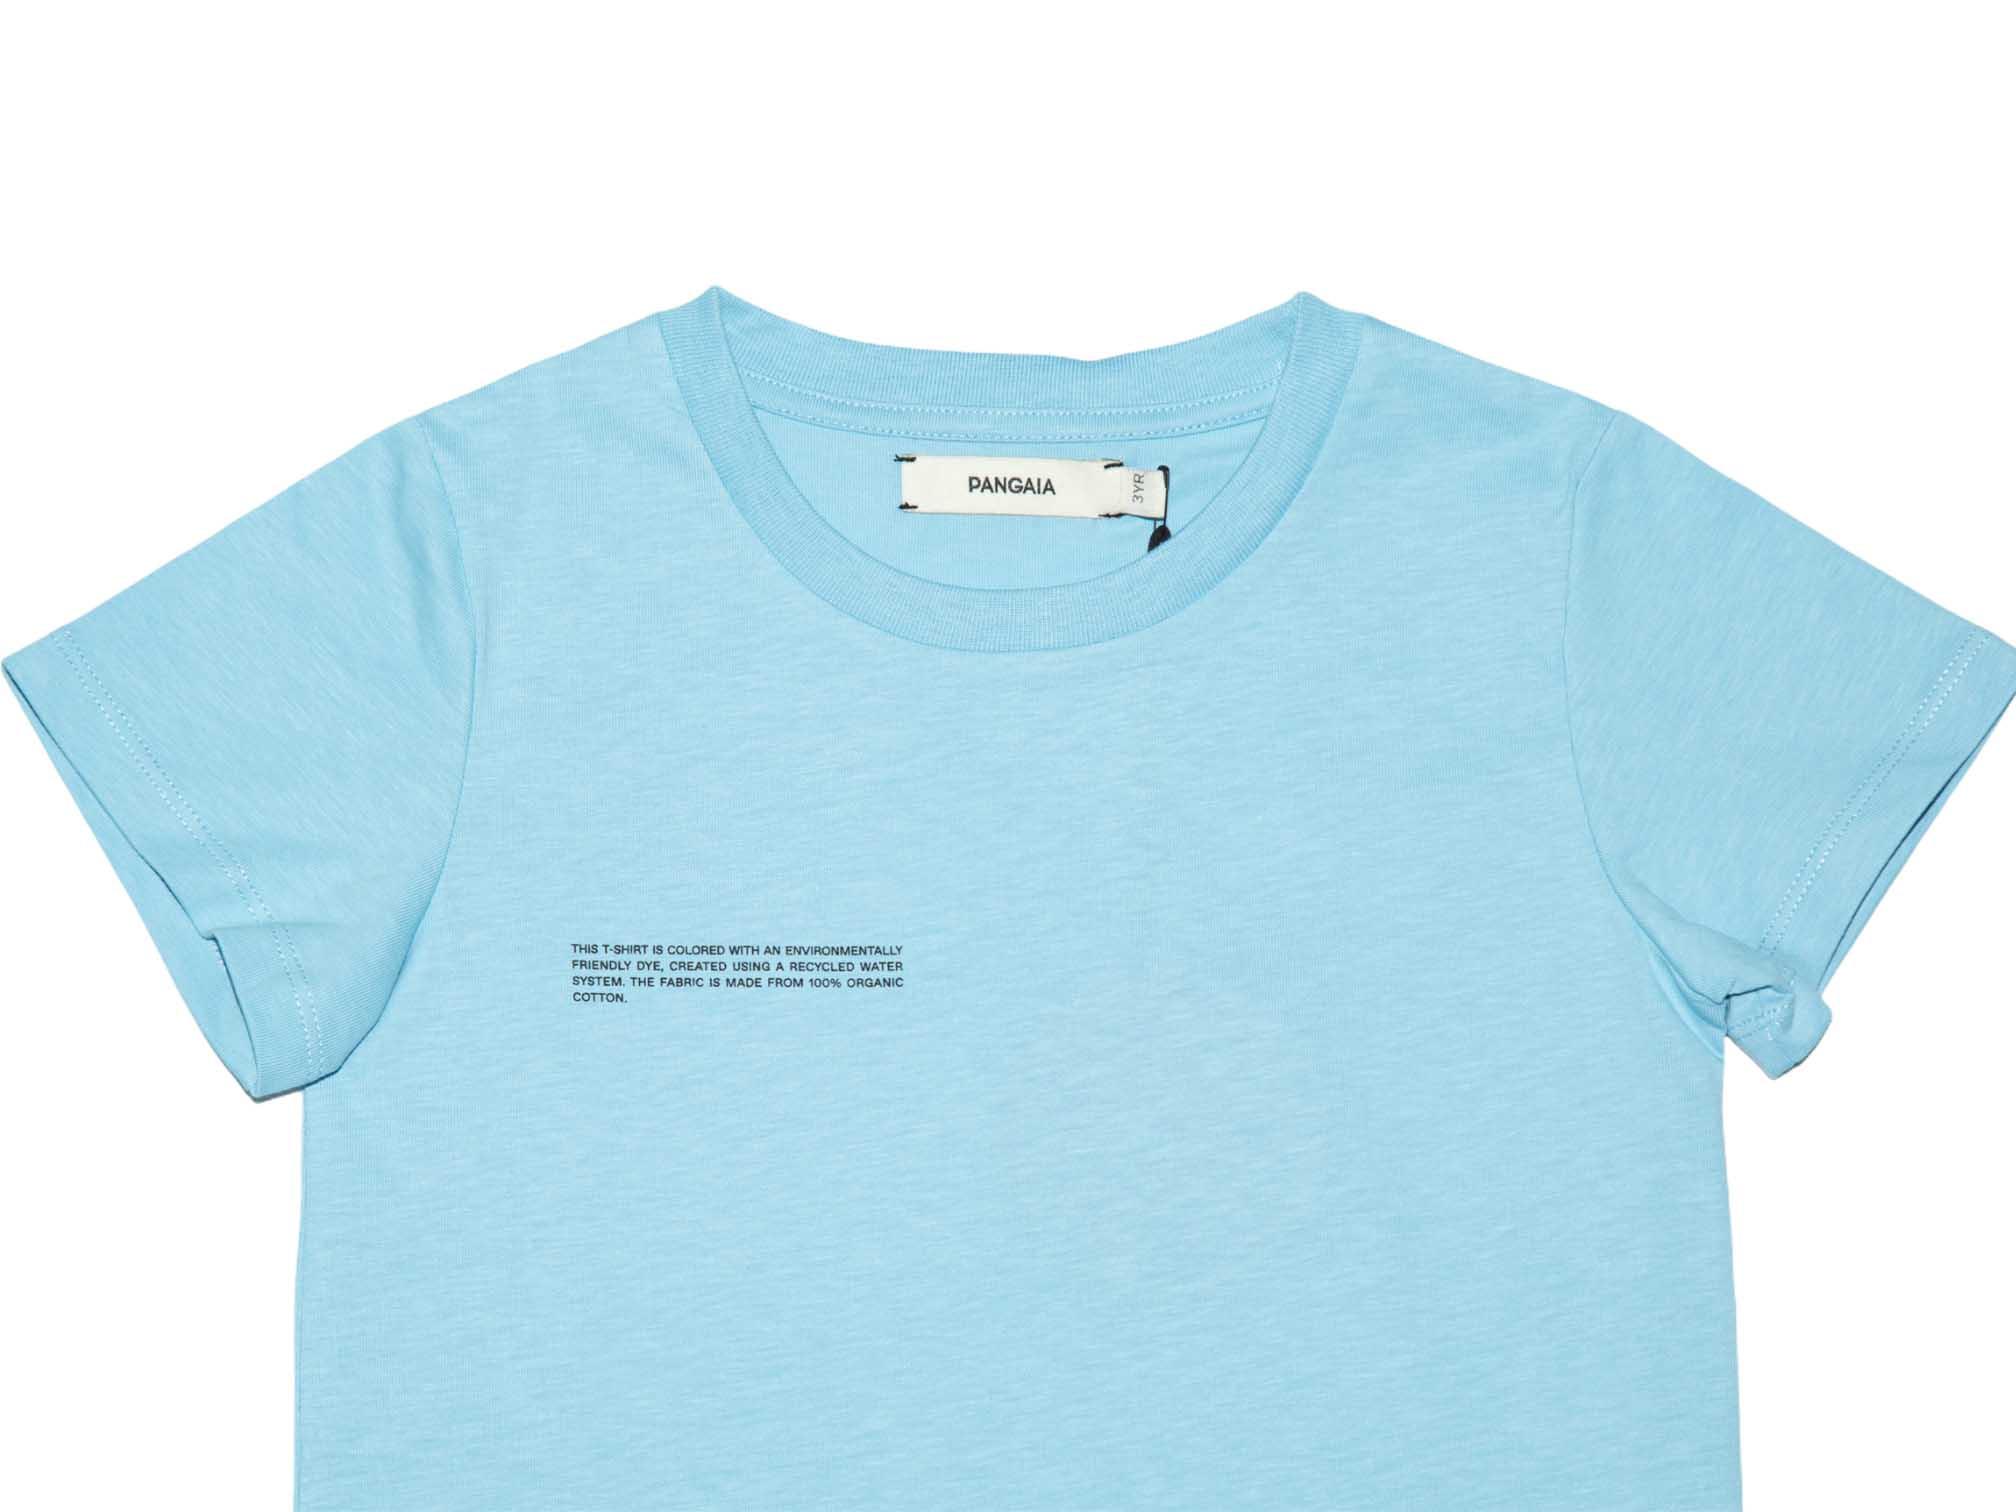 slide 2 - Celestial Blue Organic Cotton Tshirt